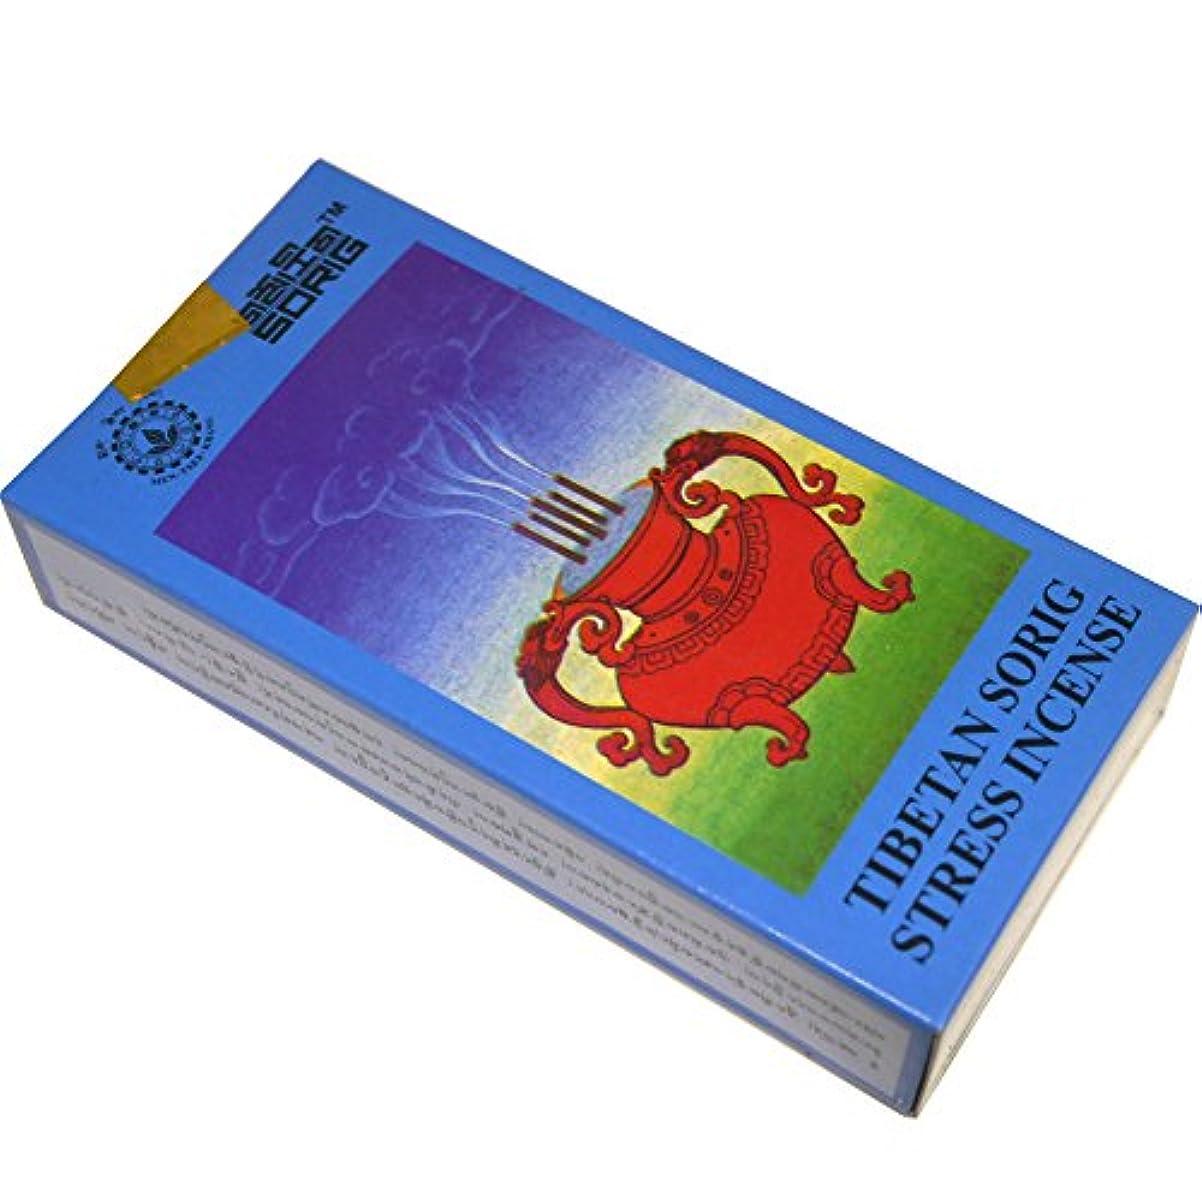 連邦創始者貧しいメンツィーカン チベット医学暦法研究所メンツィーカンのお香【TIBETAN SORIG STRESS INCENSEソリグストレス】